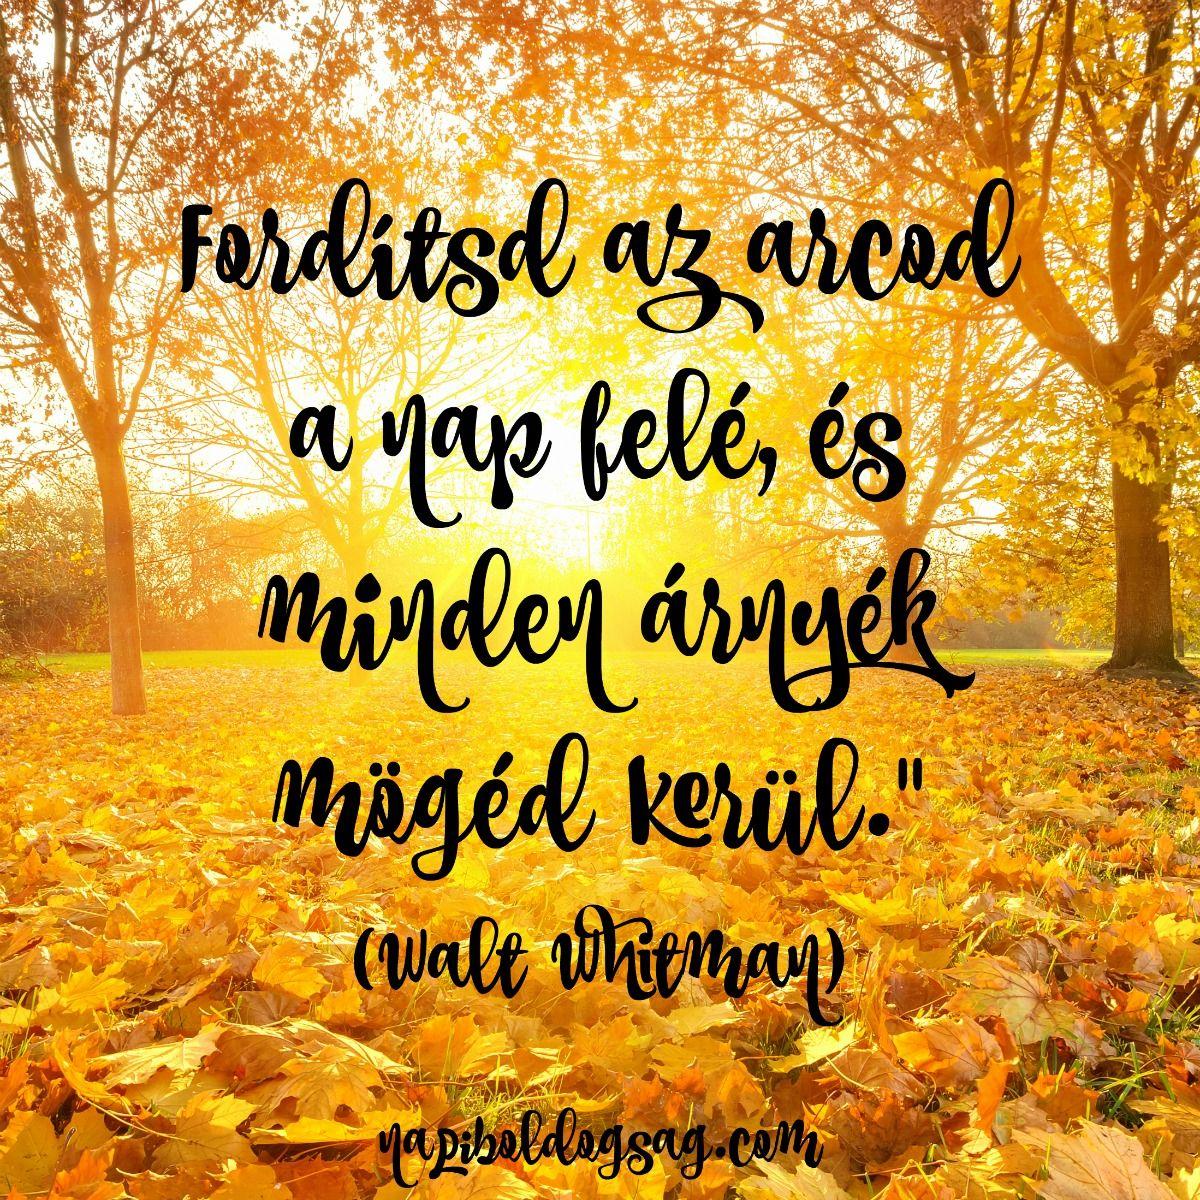 egy nap idézetek Fordítsd az arcod a nap felé | Hungarian quotes, Amused quotes